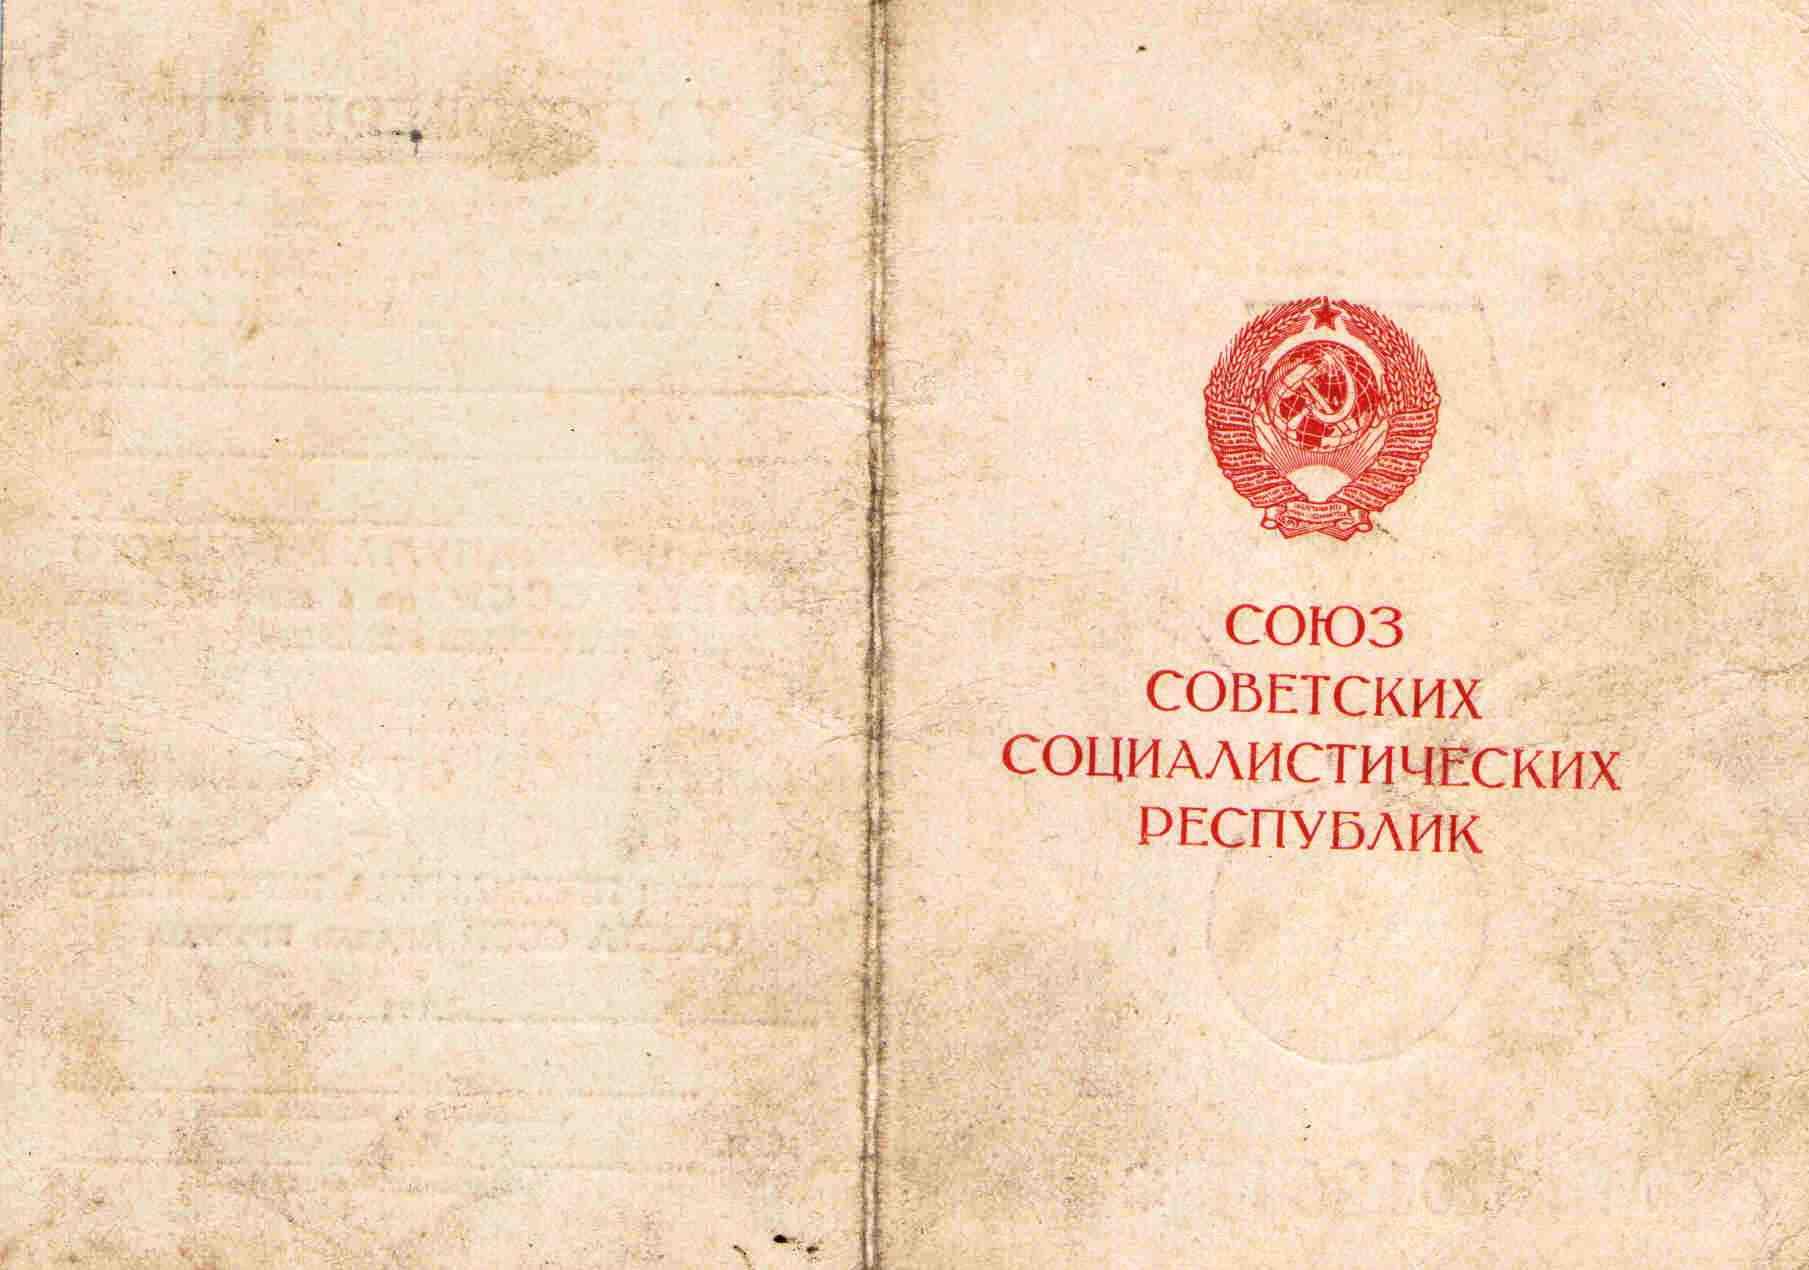 45. Удостоверение к медали За доблестный труд, Барыкин ПП, 1948